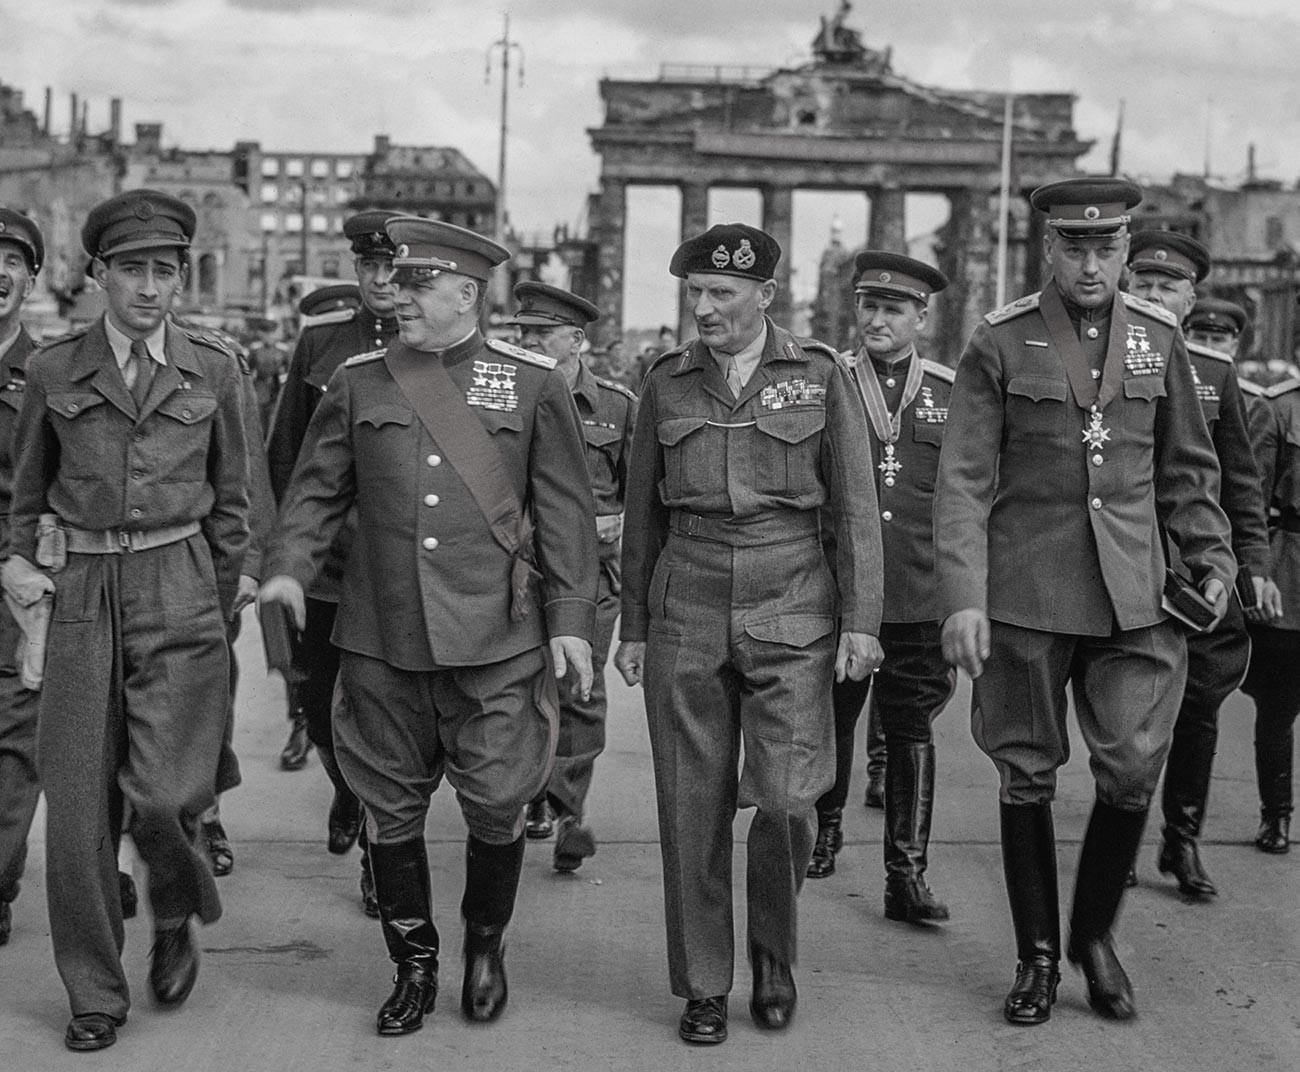 Северозападен фронт, 1942 година. Заменикот на врховниот командант на Црвената армија маршалот Г. Жуков, командантот на 21 група армии фелдмаршалот Бернард Монтгомери, маршалот К. Рокосовски и генералот на Црвената армија Соколовски ја напуштаат Бранденбуршката порта по церемонијата.